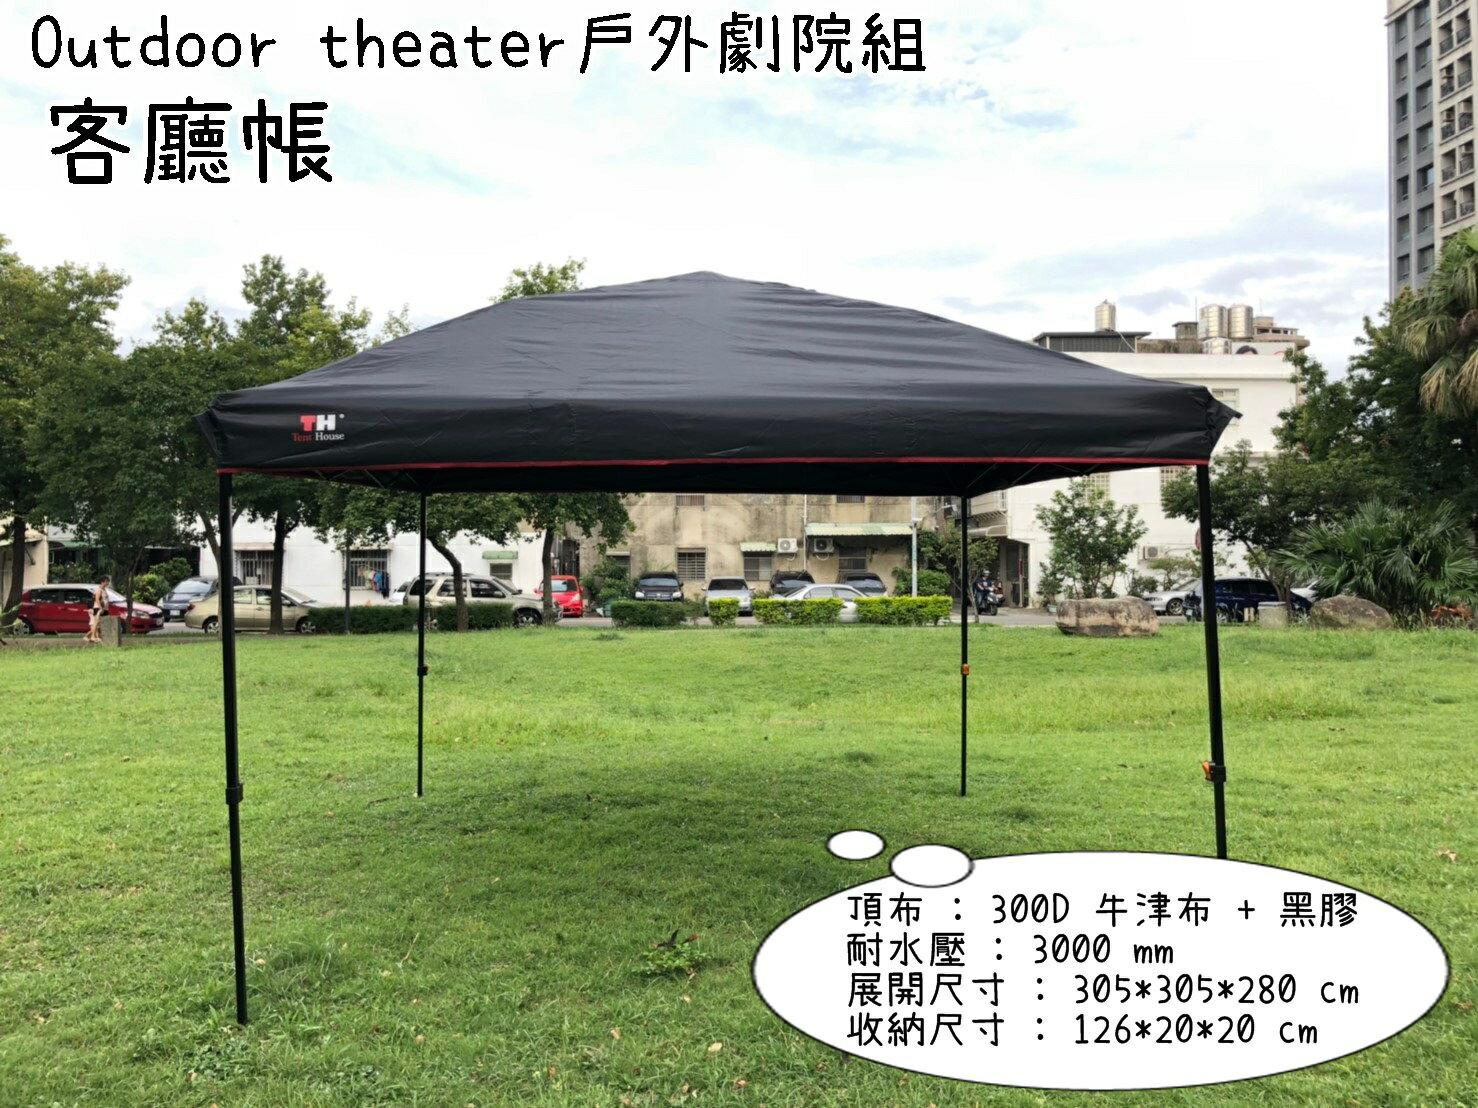 【野道家】Outdoor theater戶外劇院組-黑膠 27秒快速客廳帳 炊事帳